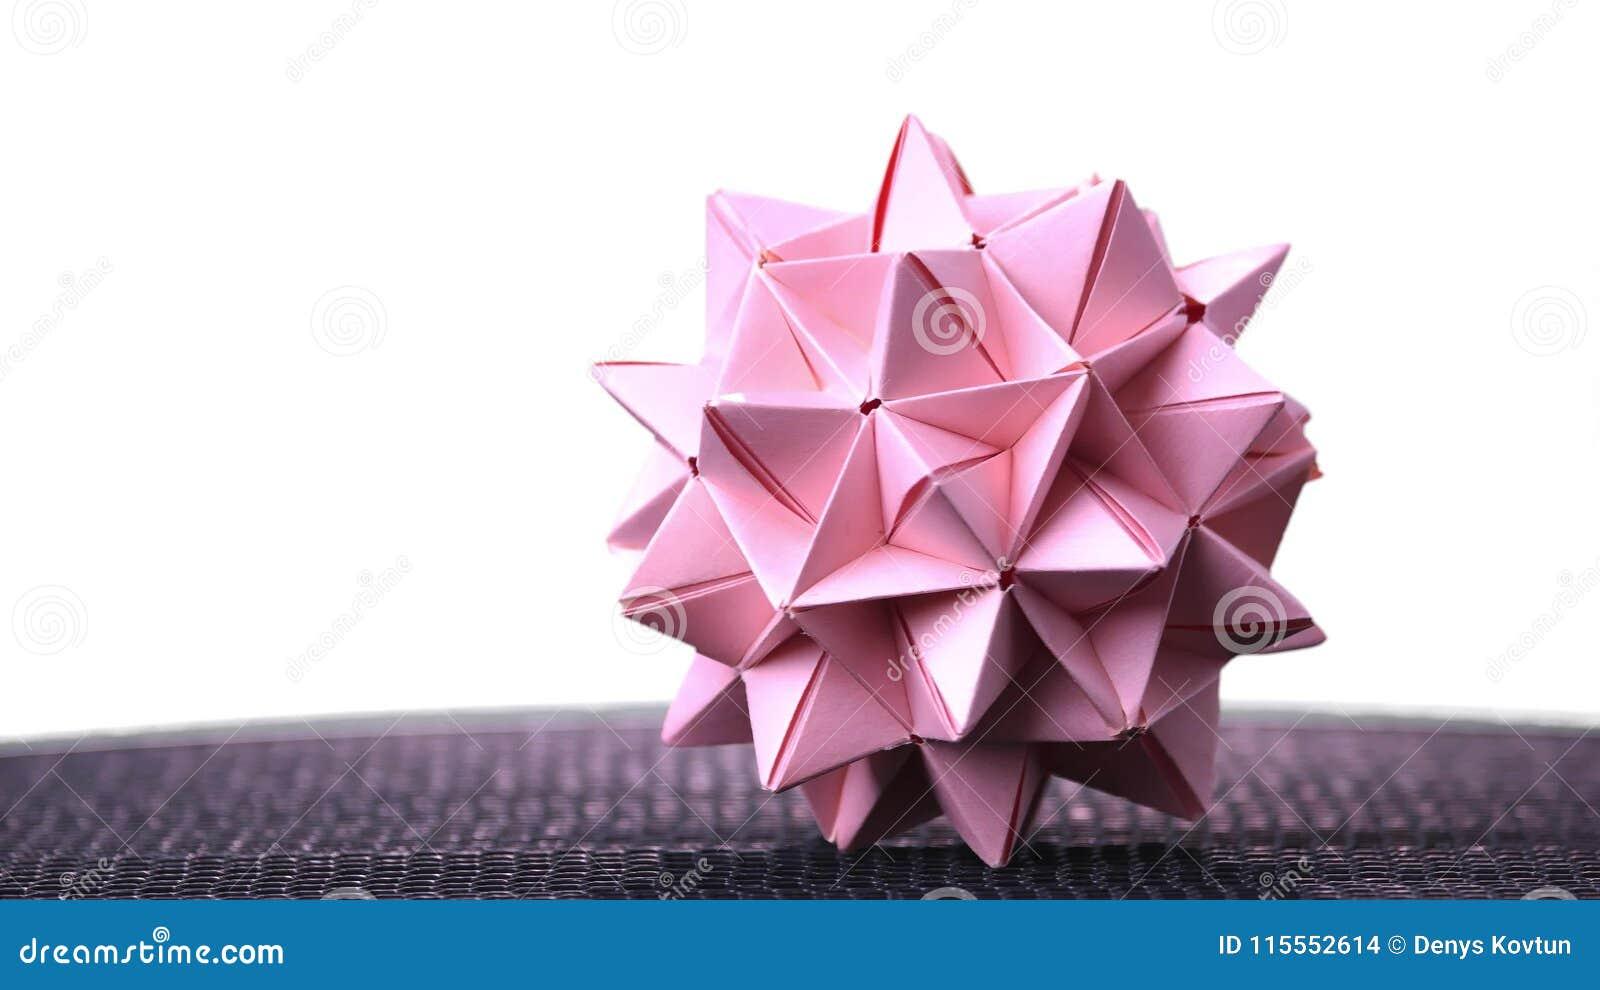 Paper Swan: Origami   450x800